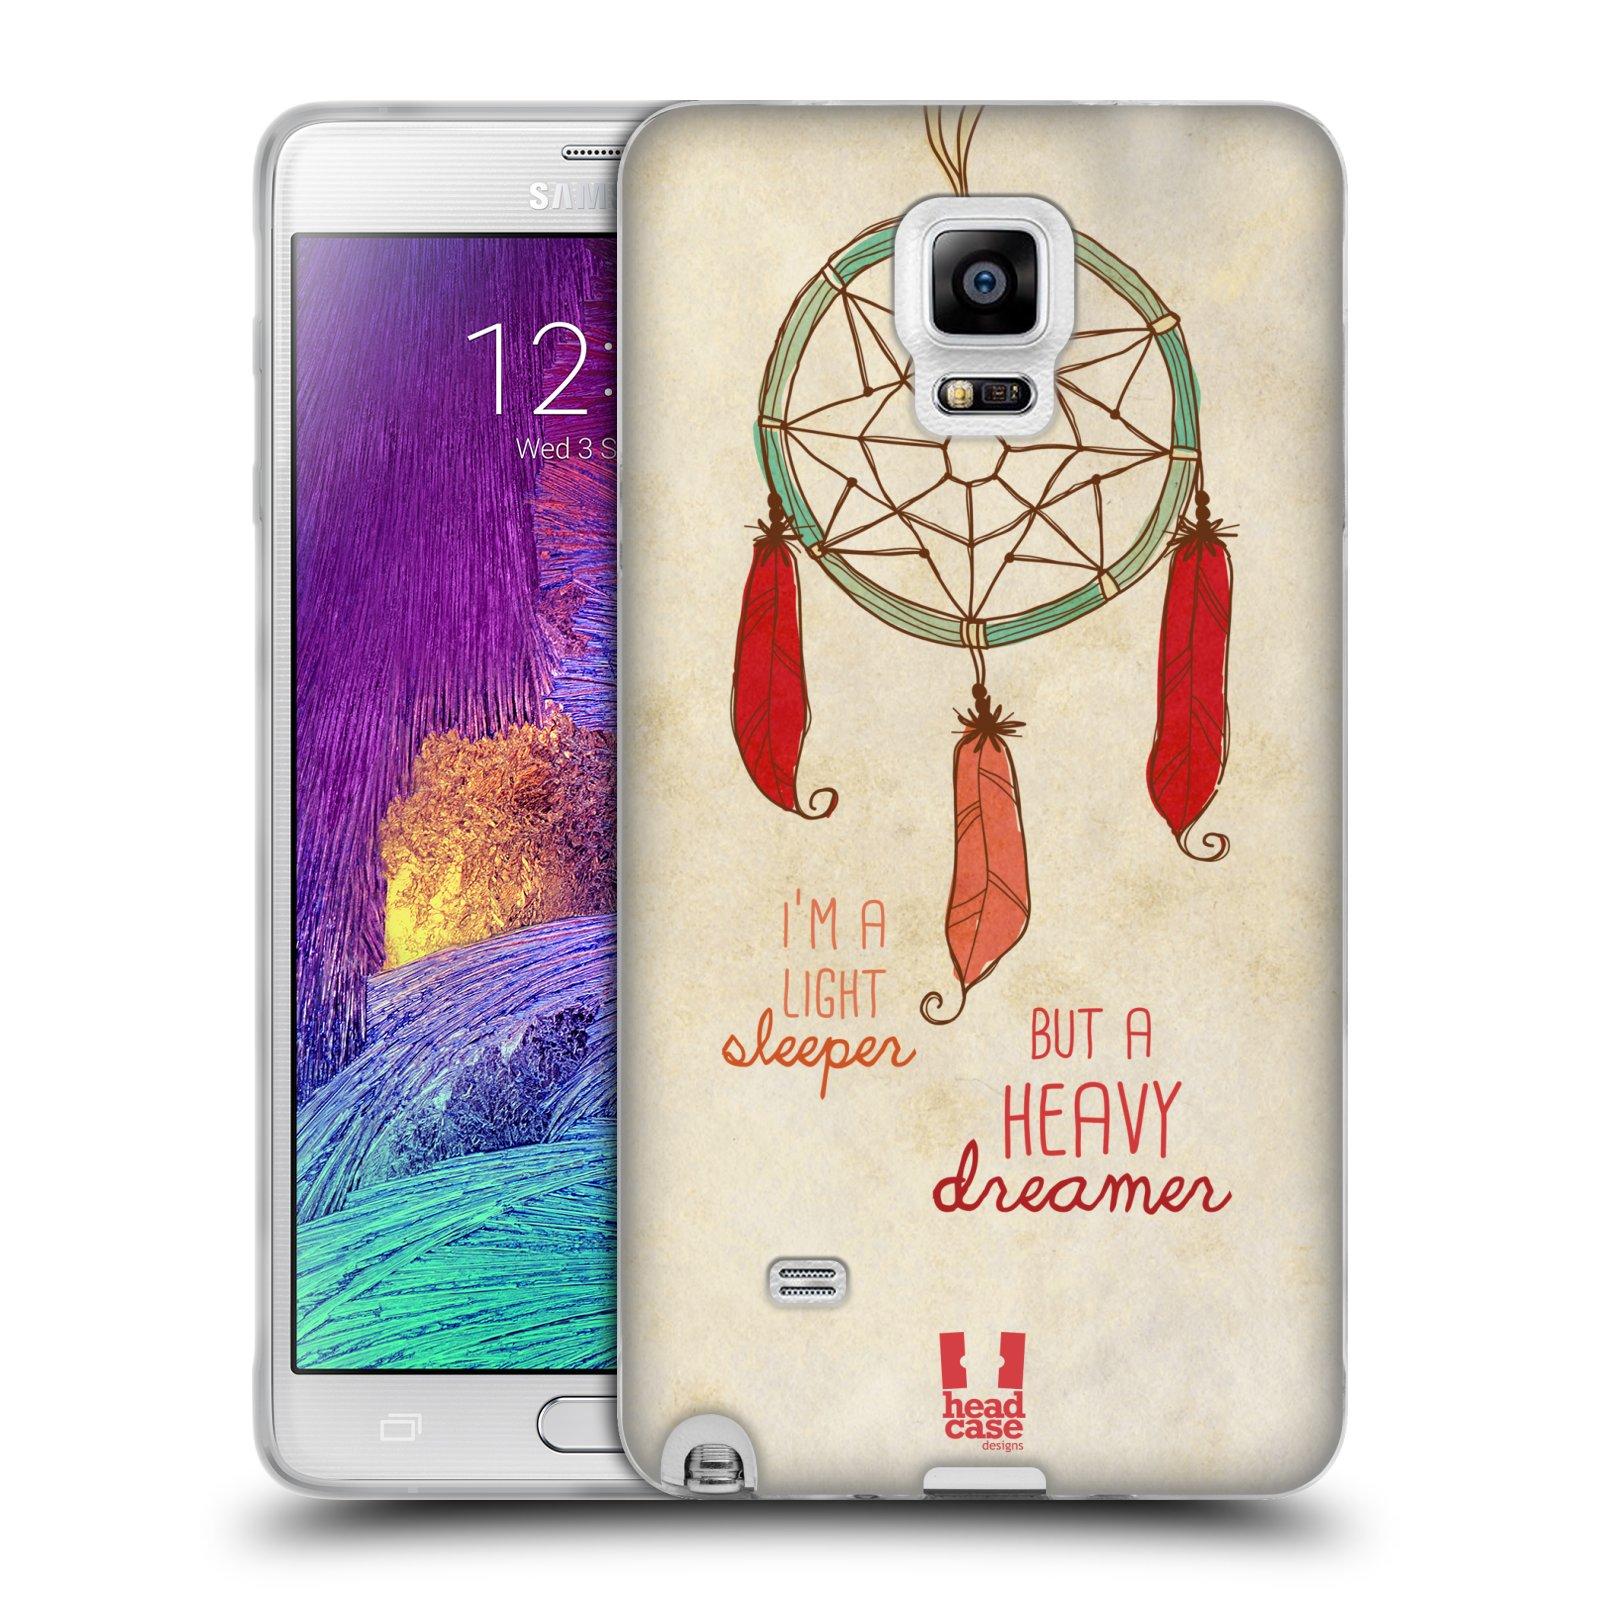 Silikonové pouzdro na mobil Samsung Galaxy Note 4 HEAD CASE LAPAČ HEAVY DREAMER (Silikonový kryt či obal na mobilní telefon Samsung Galaxy Note 4 SM-N910F)